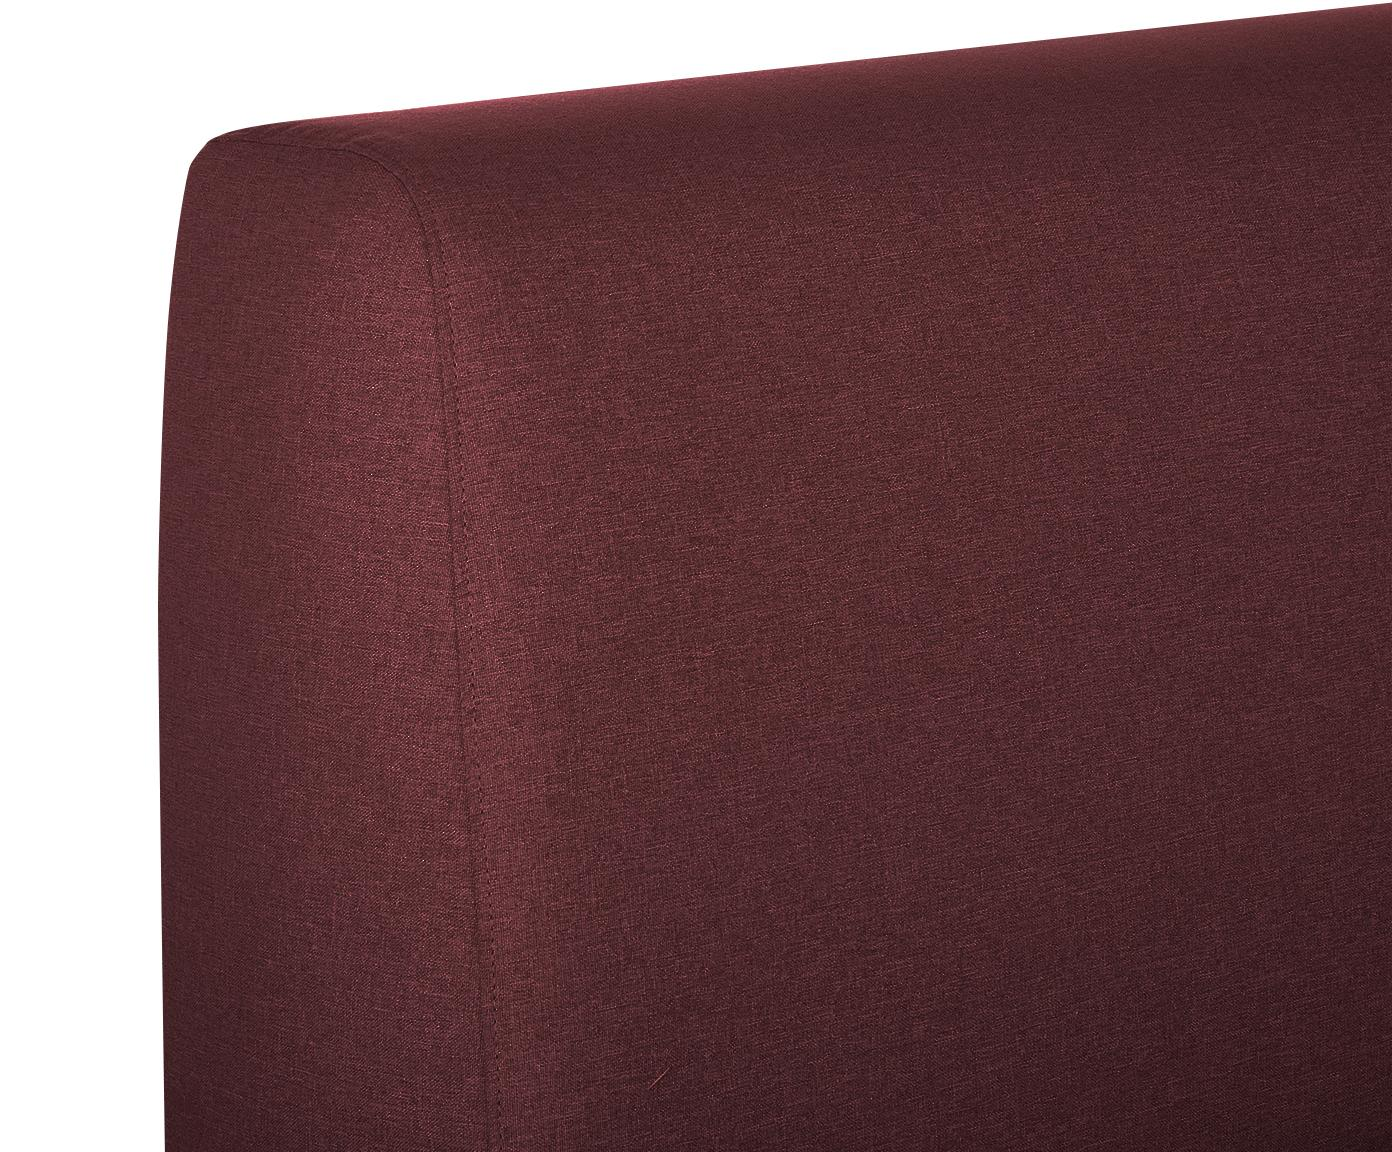 Łóżko tapicerowane Cloud, Korpus: lite drewno sosnowe, Tapicerka: poliester (materiał tekst, Bordowy, 180 x 200 cm